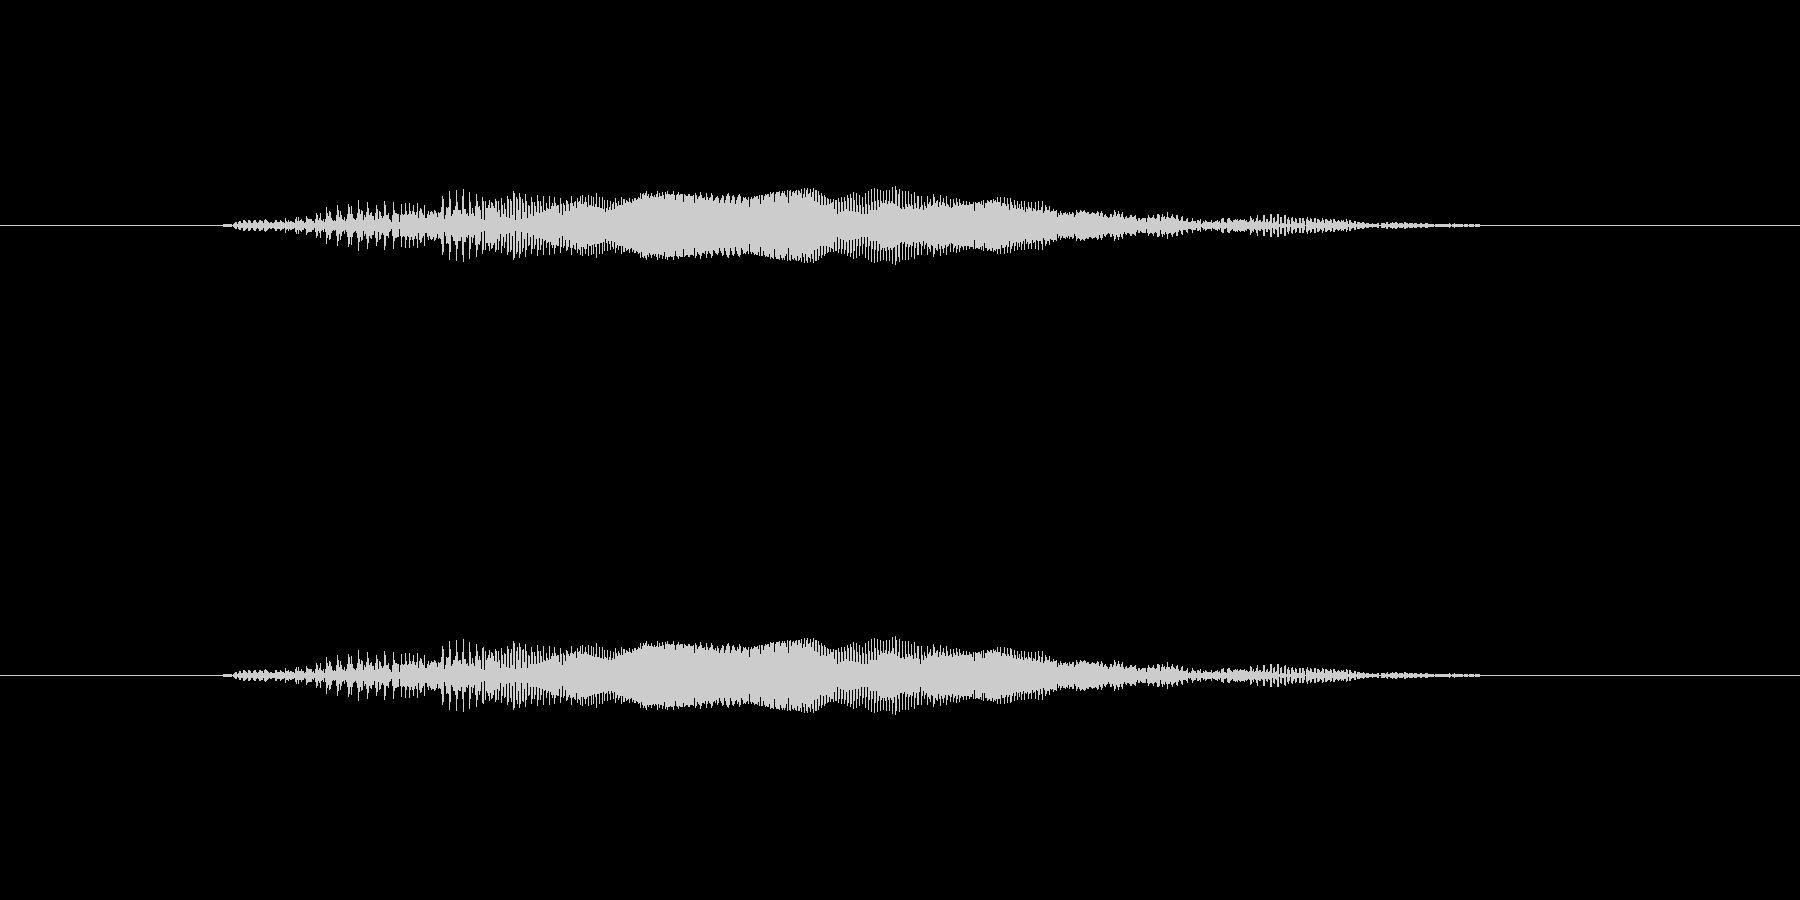 ニャー_猫声-07の未再生の波形